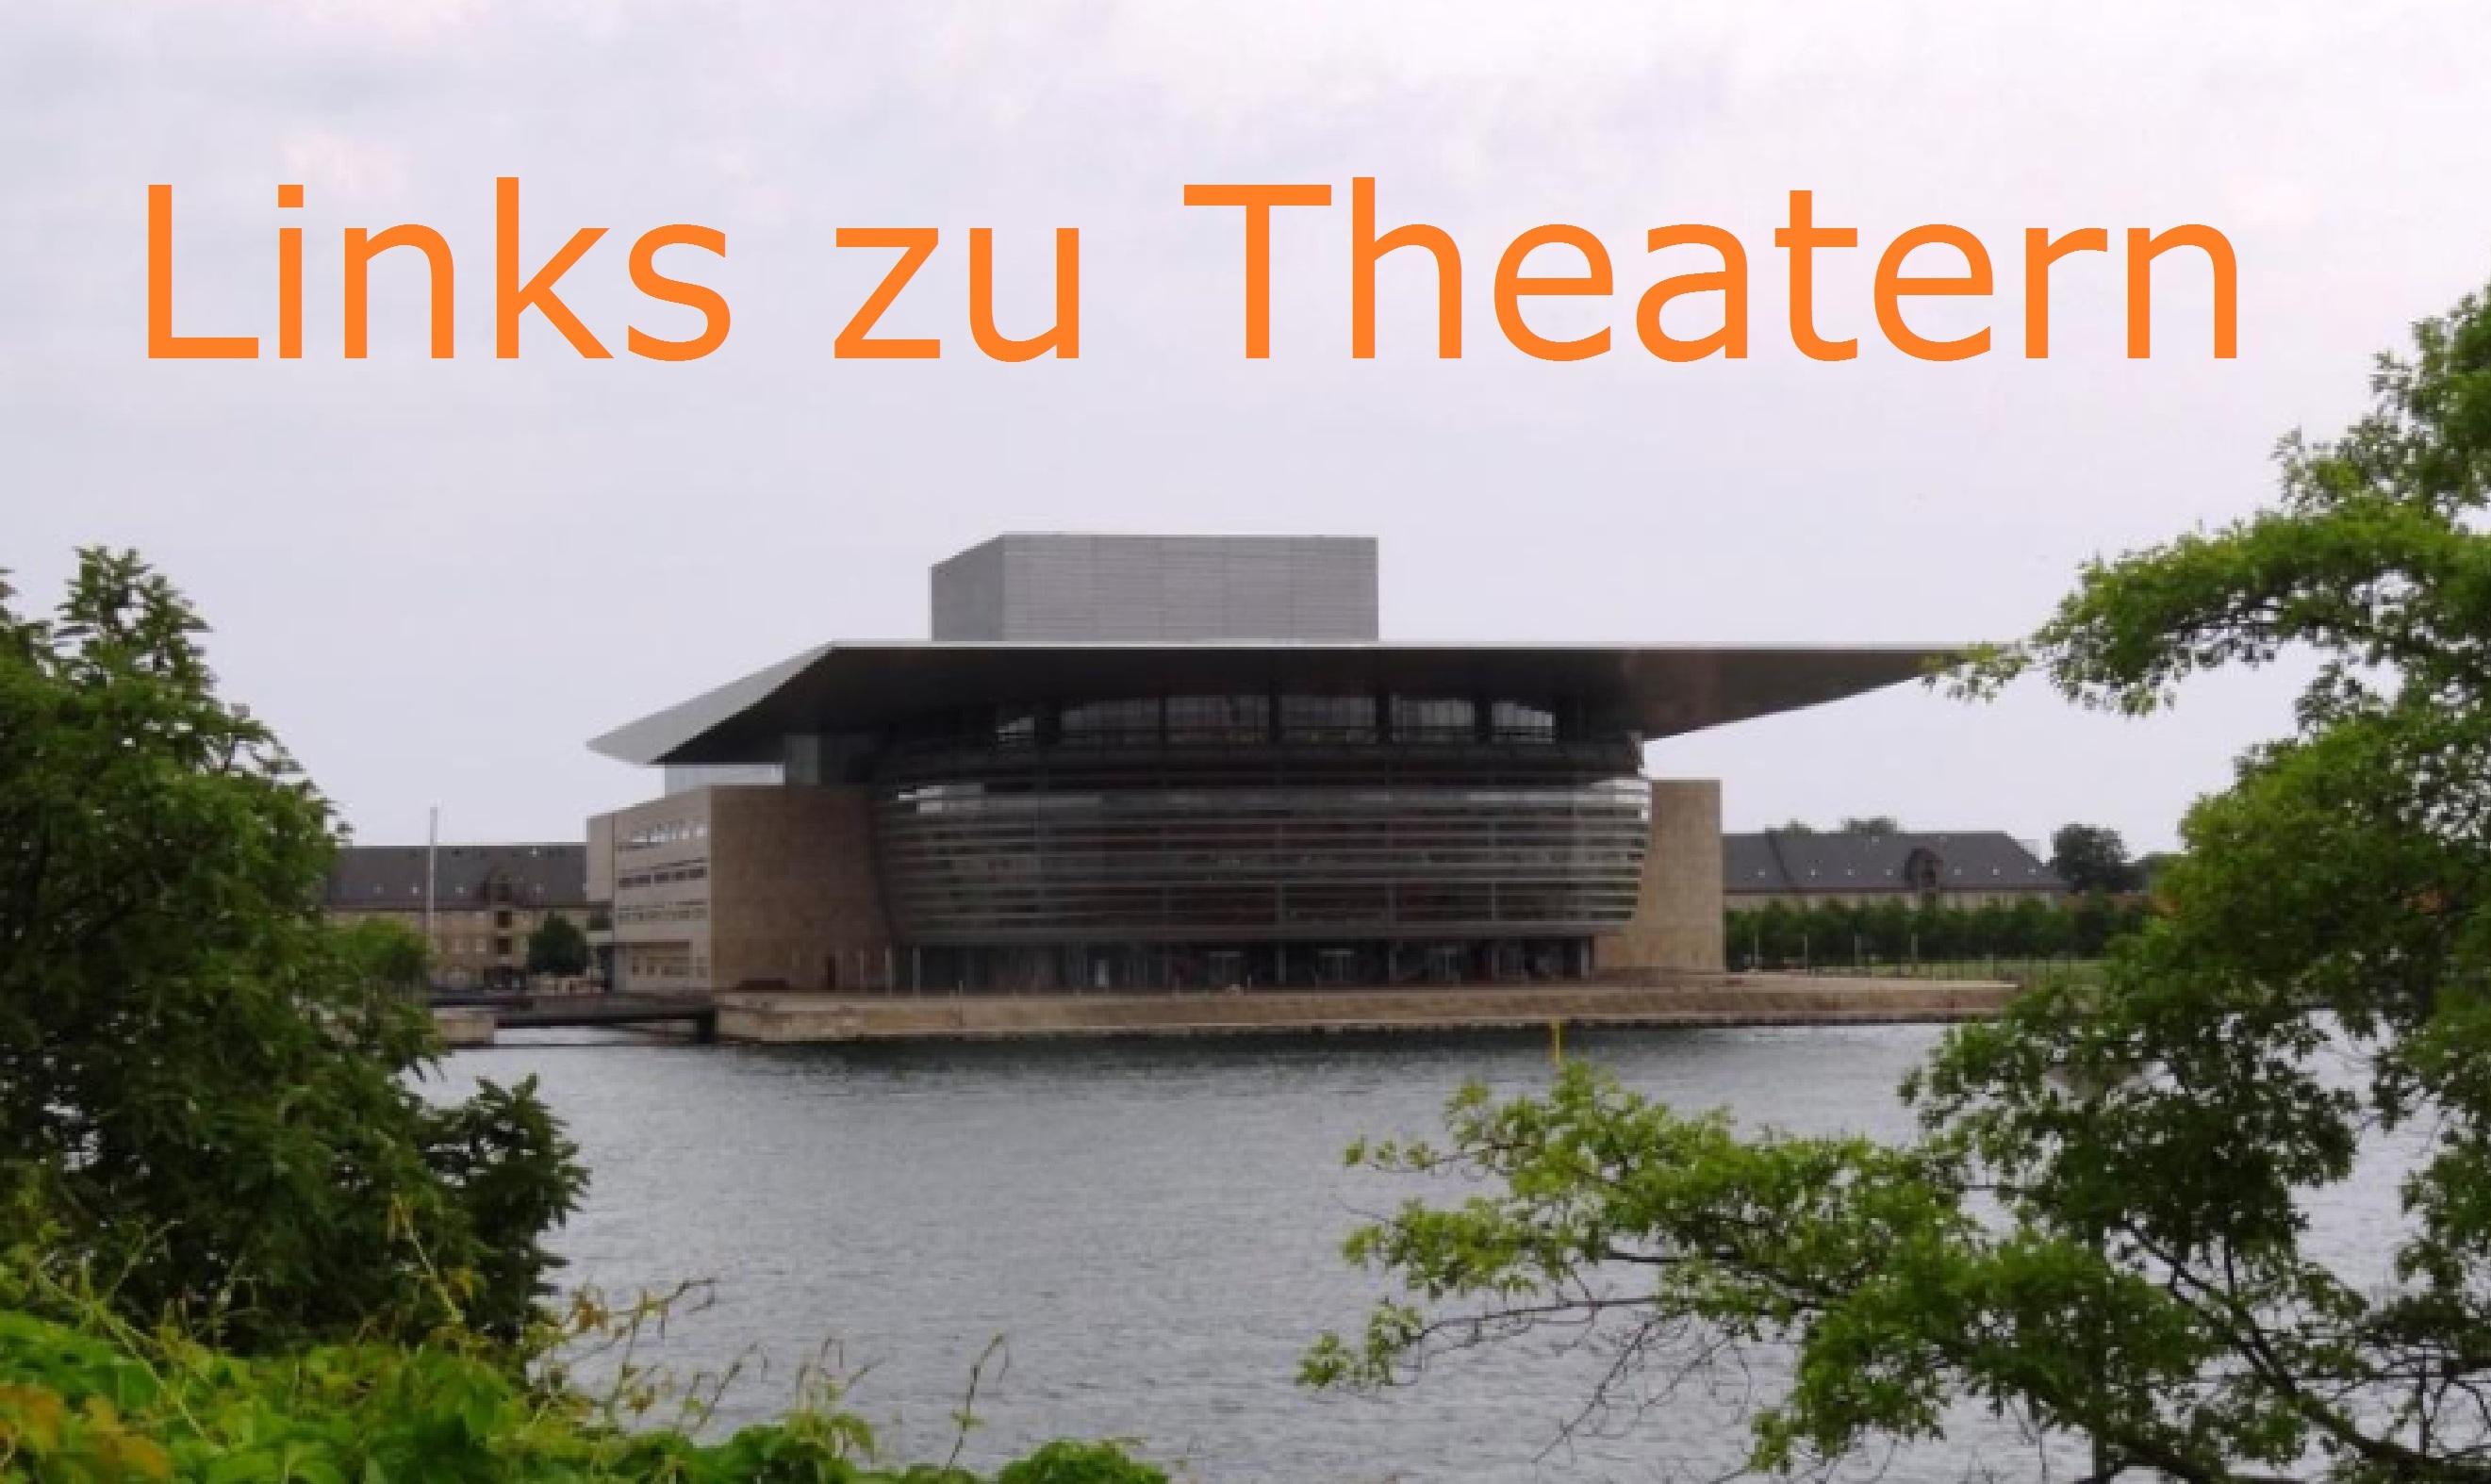 Links zu Theatern auf Ostsee-Rundschau.de - Neue Unabhängige Onlinezeitungen (NUOZ)